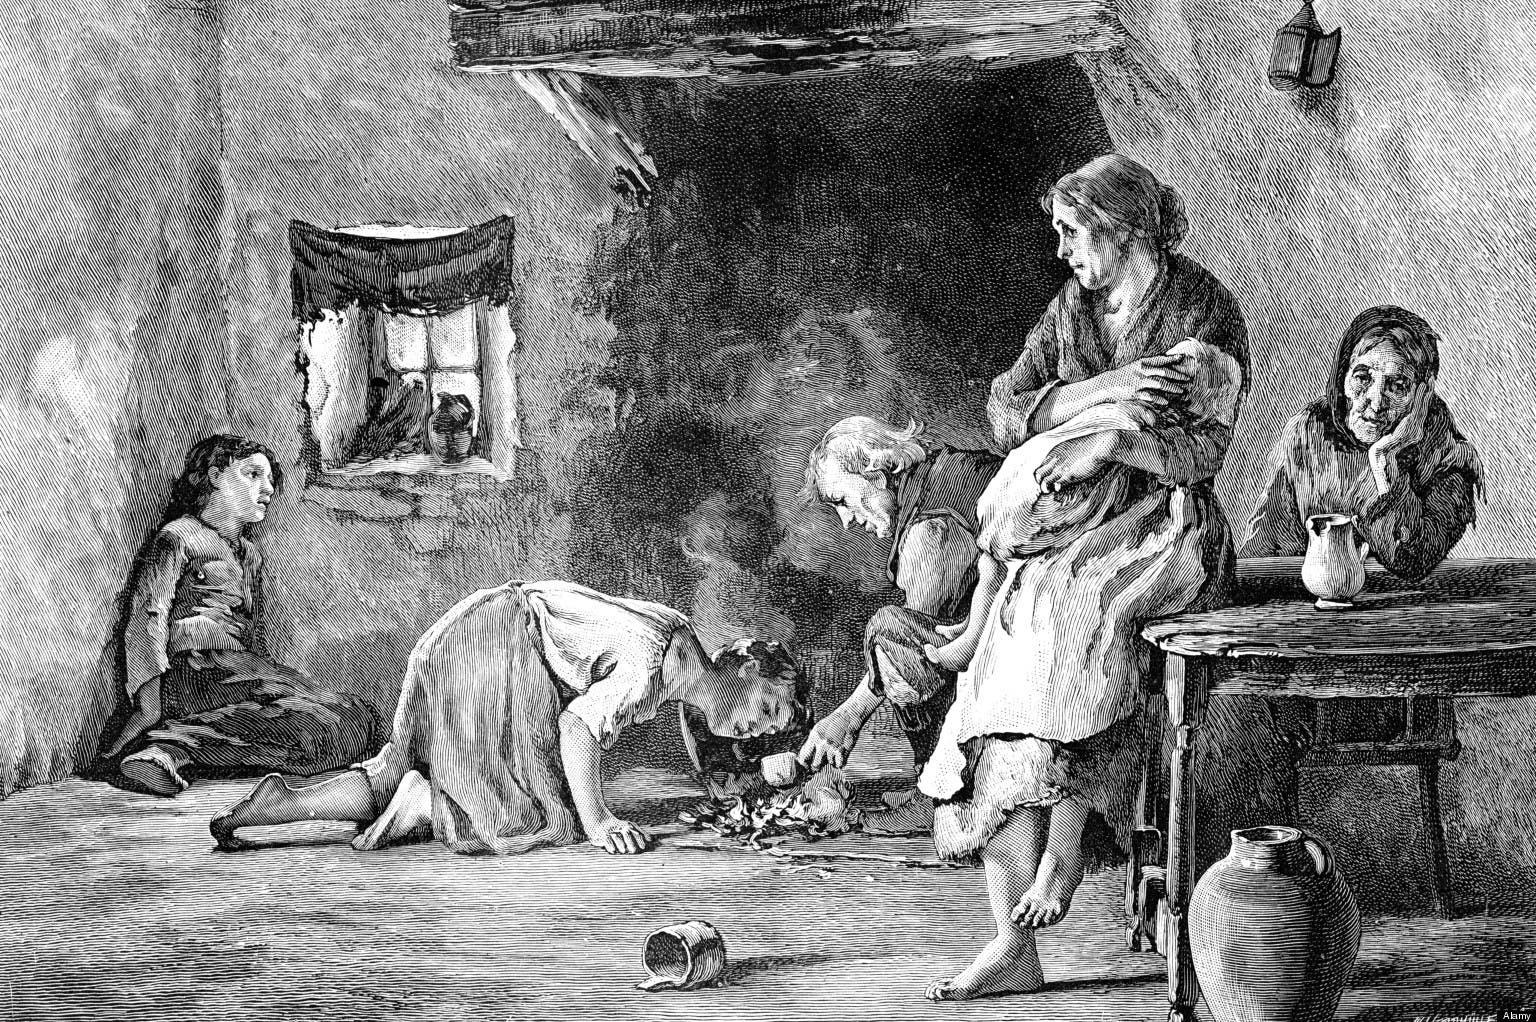 رسم تخيلي يجسد مظاهر البؤس والجوع بين الأيرلنديين زمن المجاعة